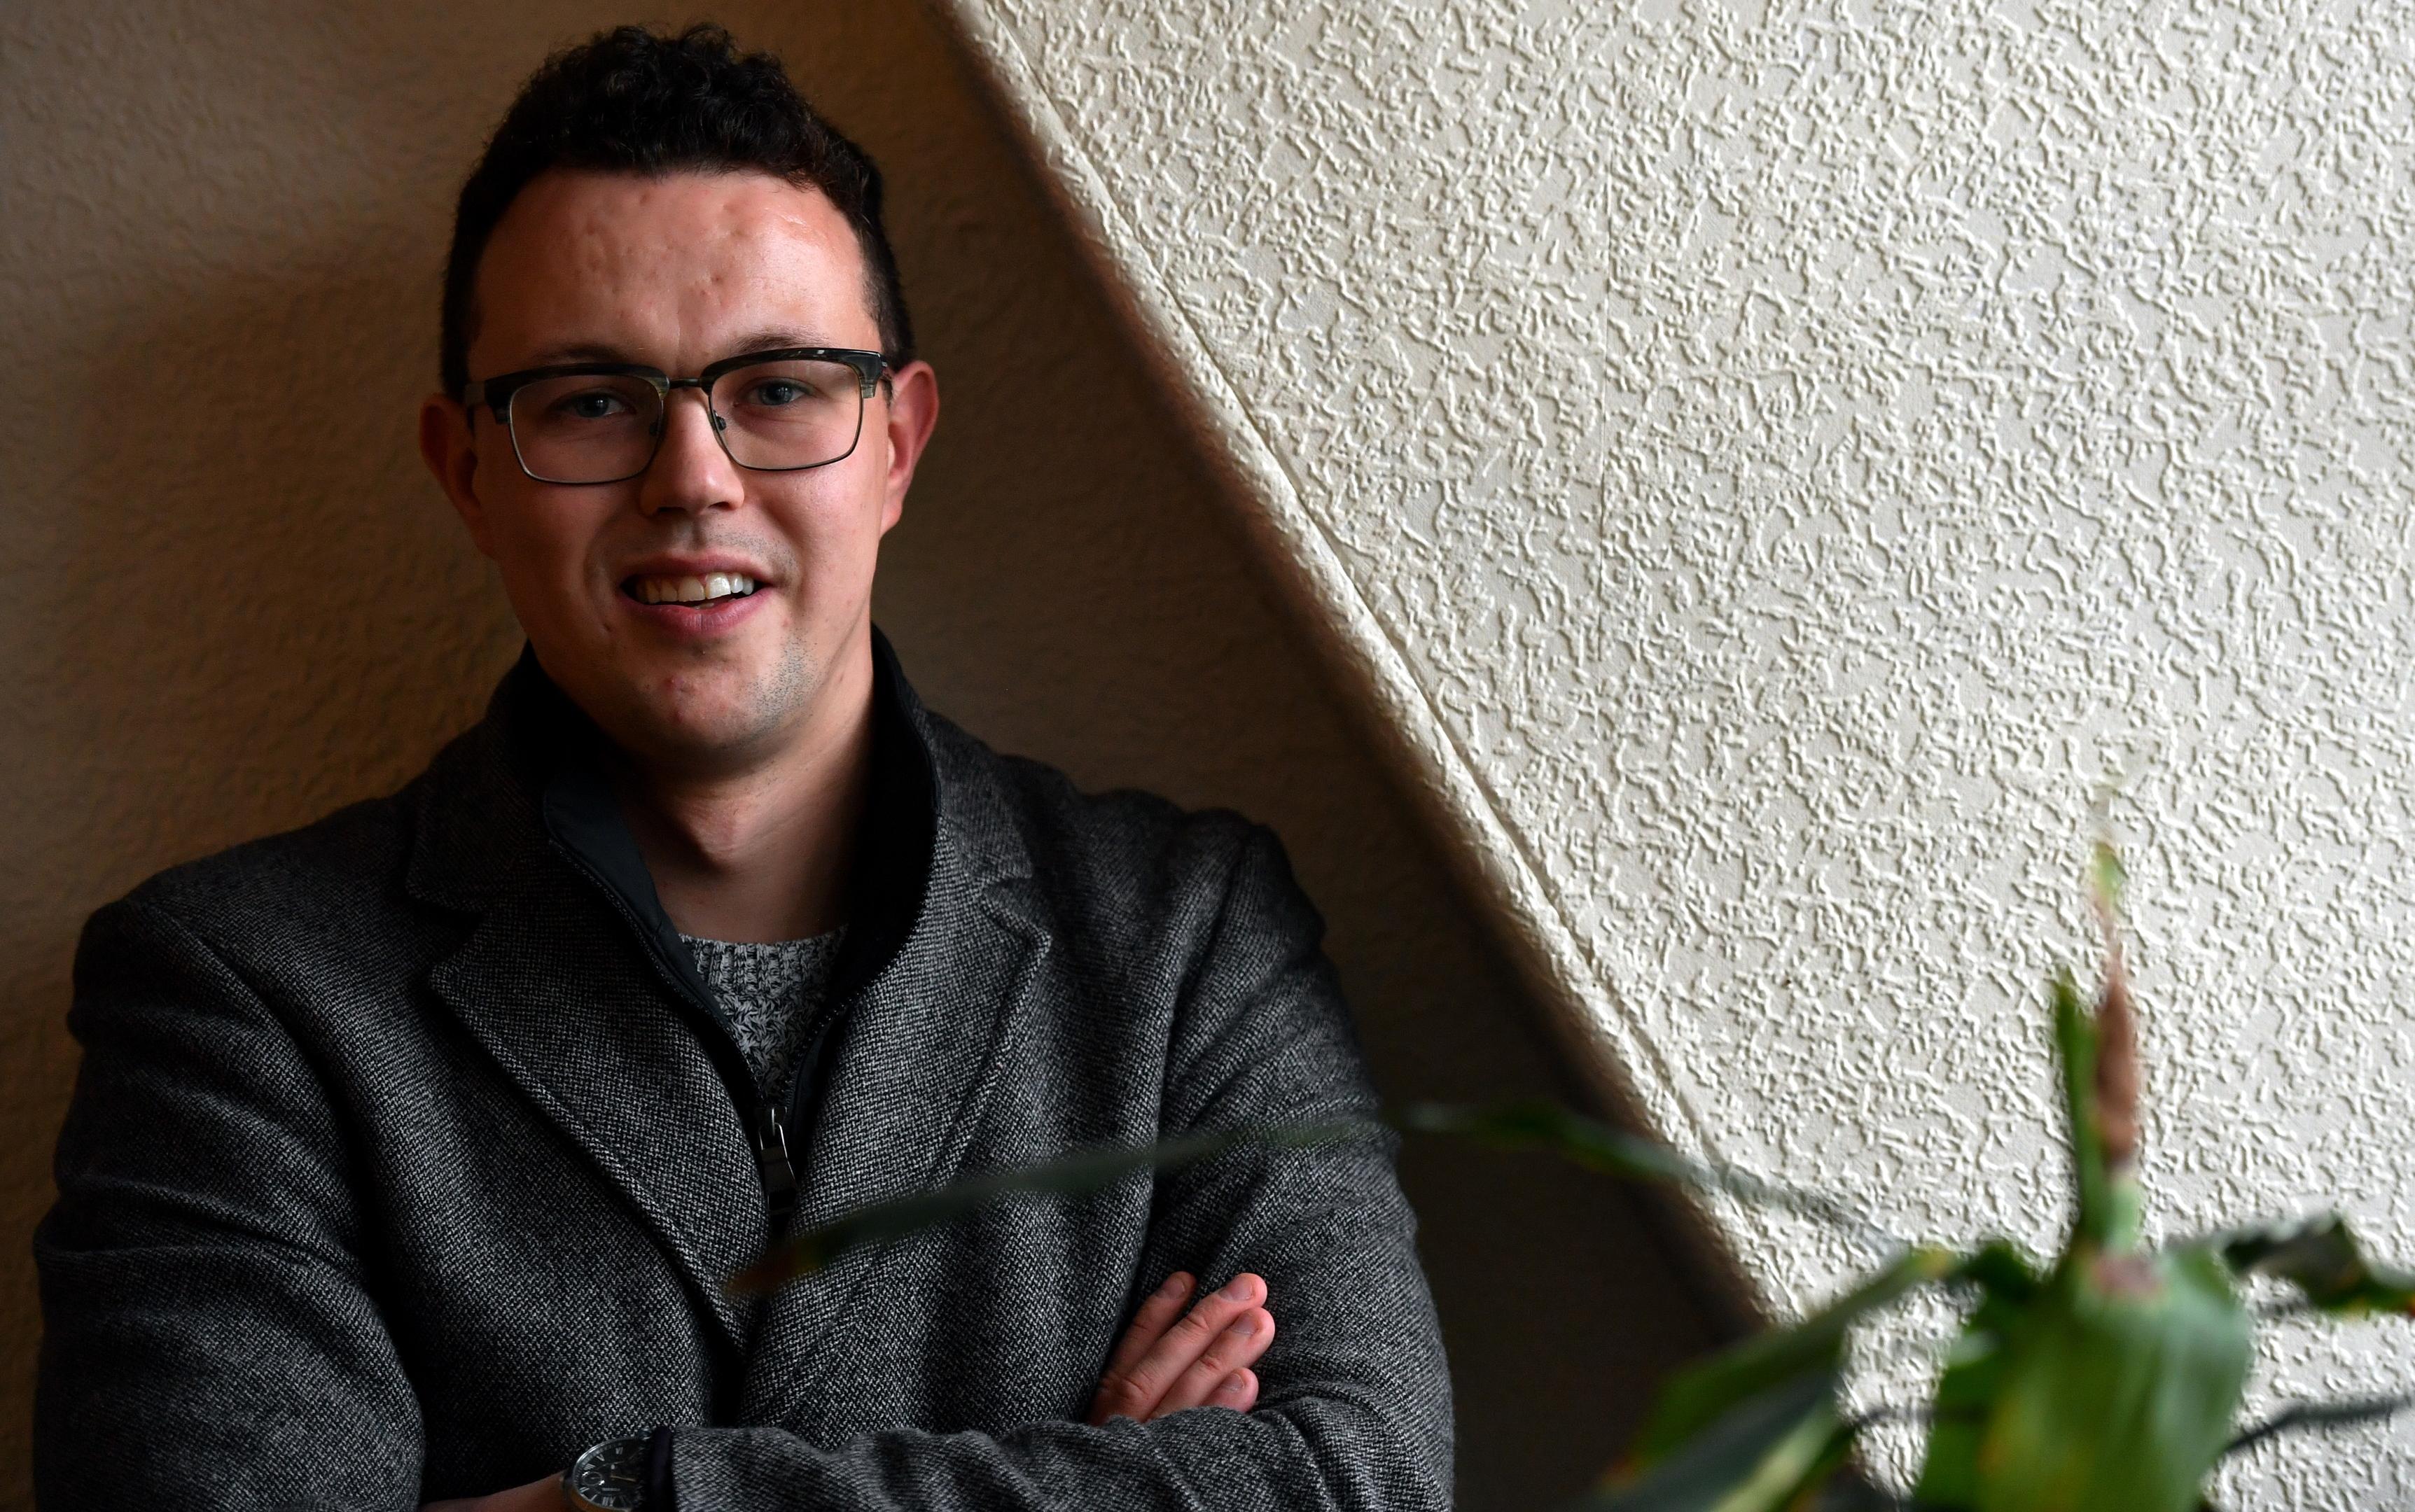 MHA fundraising manager Matt Connolly